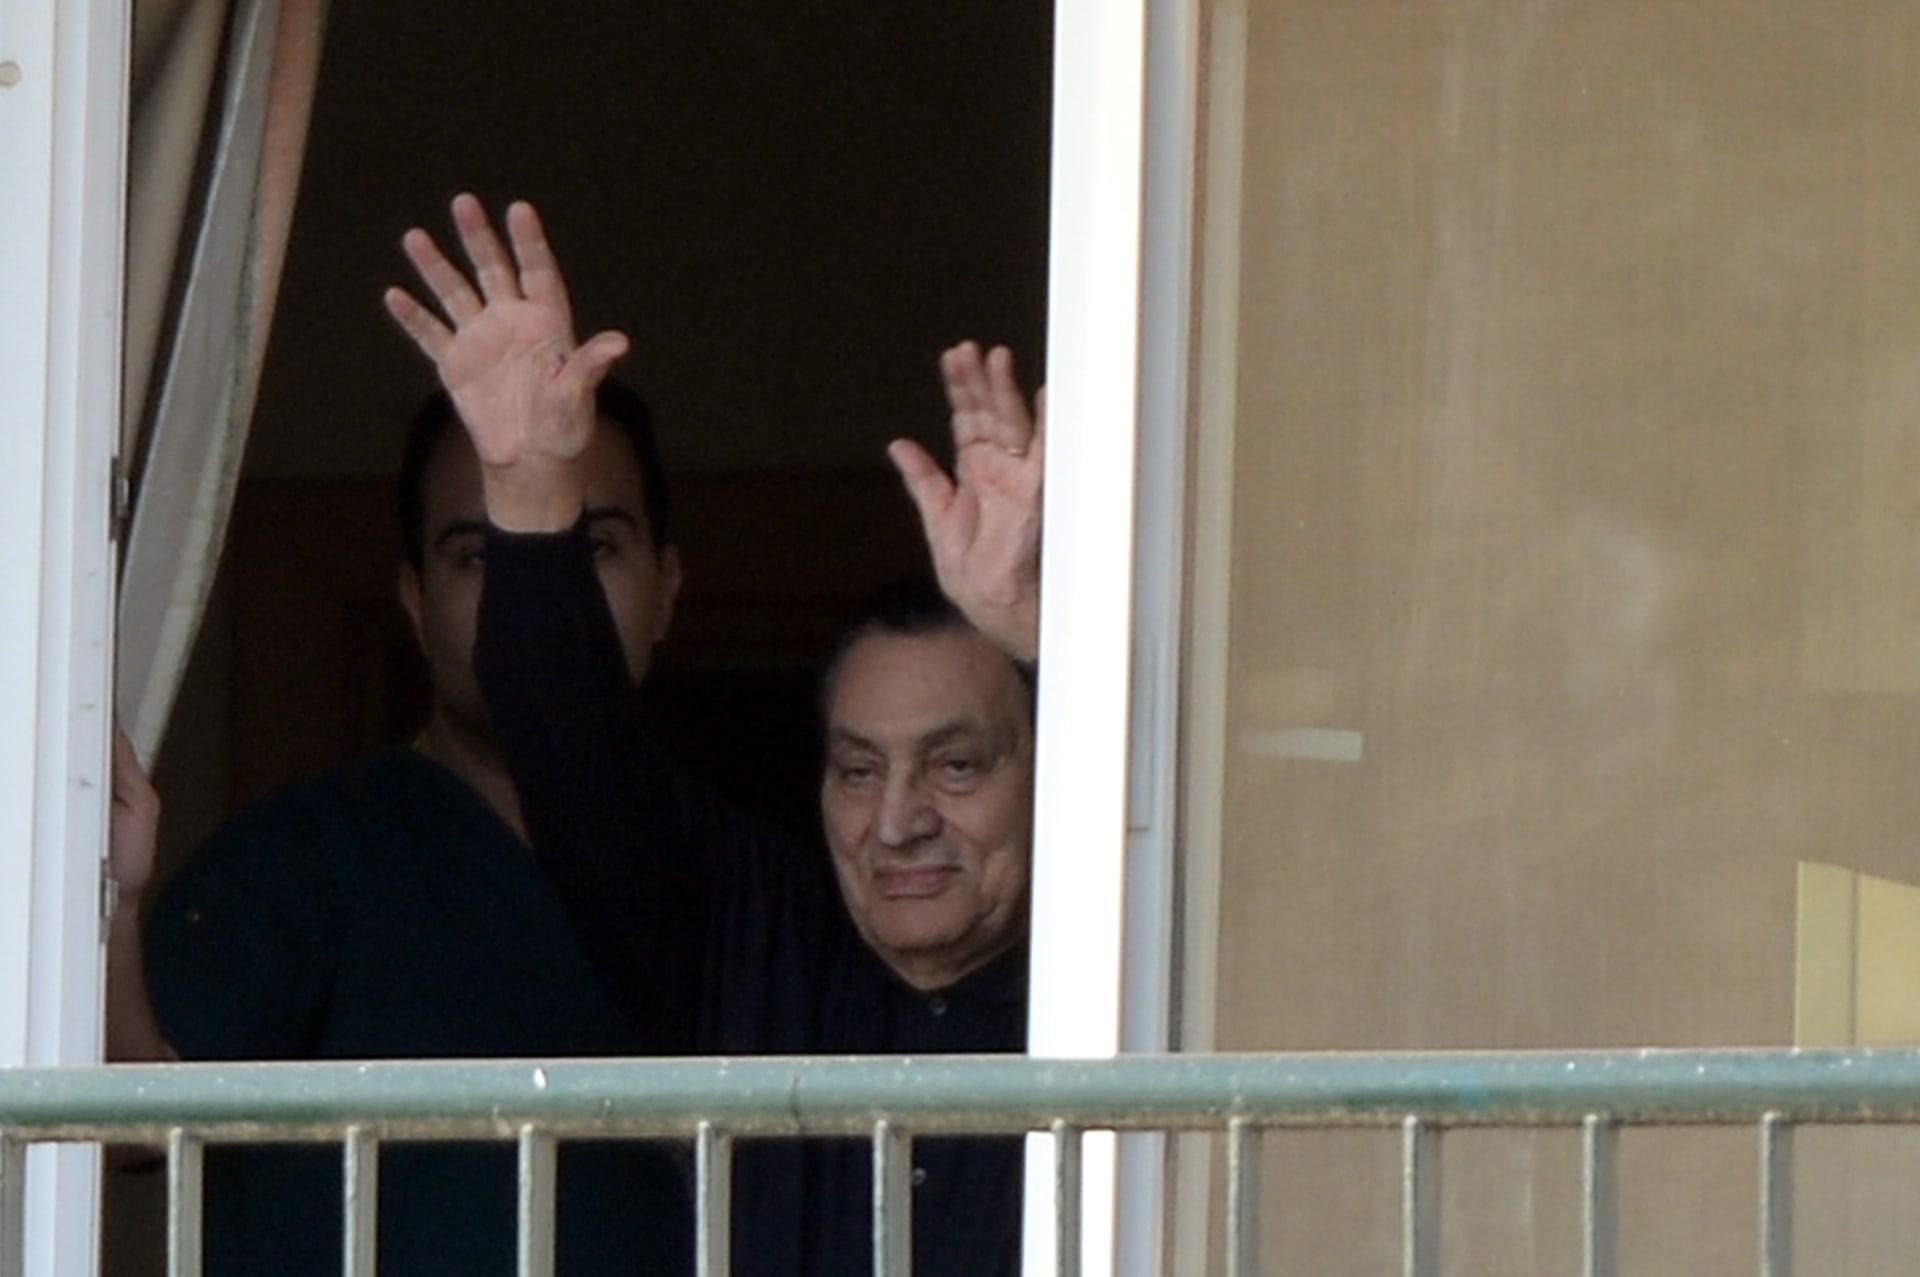 الرئيس المصري الاسبق حسني مبارك بغرفته في مستشفى المعادي العسكري في القاهرة في 4 مايو